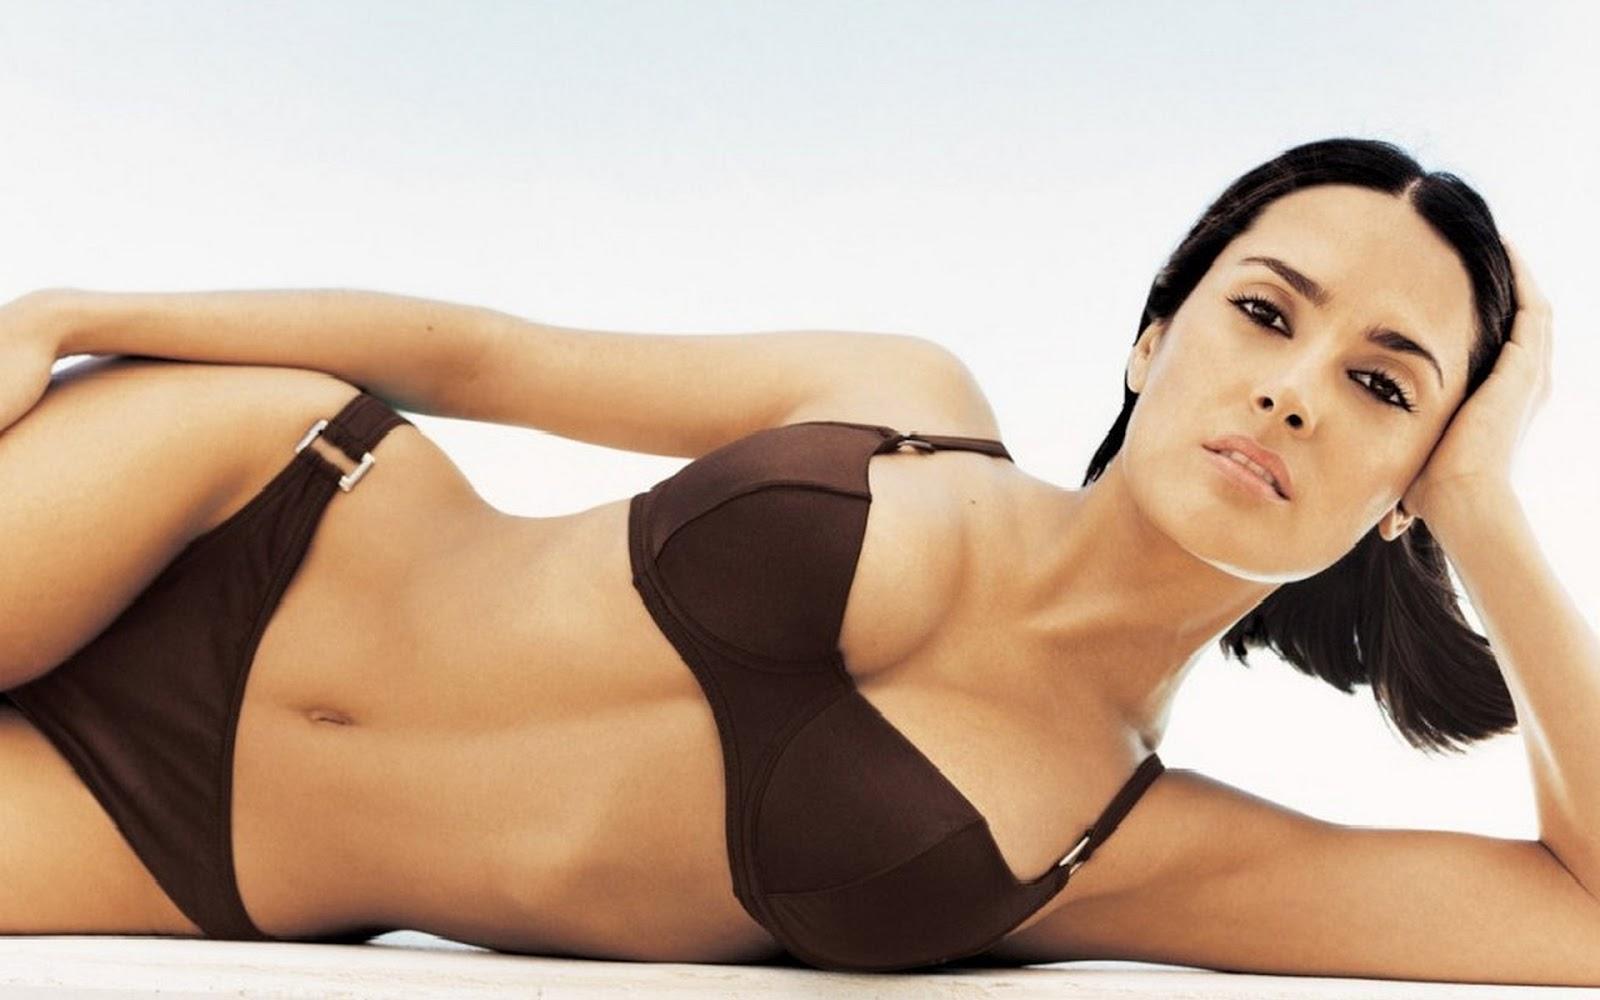 http://1.bp.blogspot.com/-i44x03Chzo4/UB5-njzB4UI/AAAAAAAAK10/puoMu8rKDeQ/s1600/salma-hayek-braun-bikini.jpg